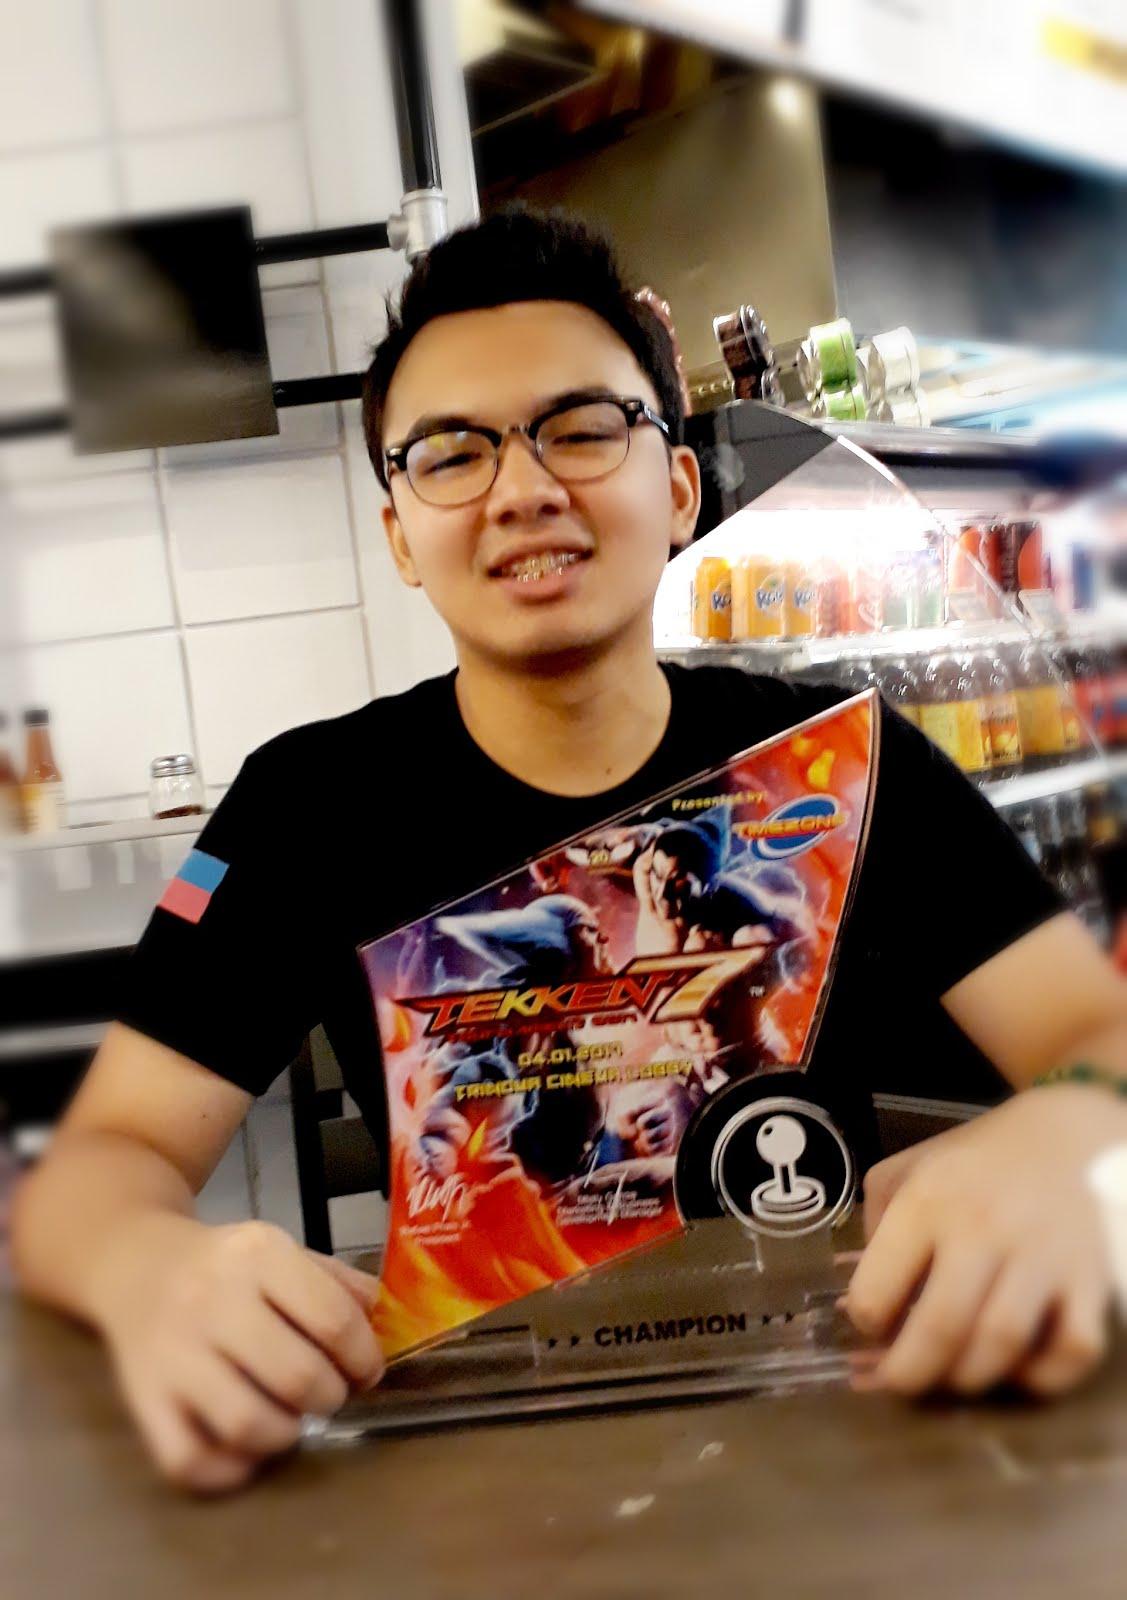 2017 Timezone Tekken 7 Champion PBE Doujin